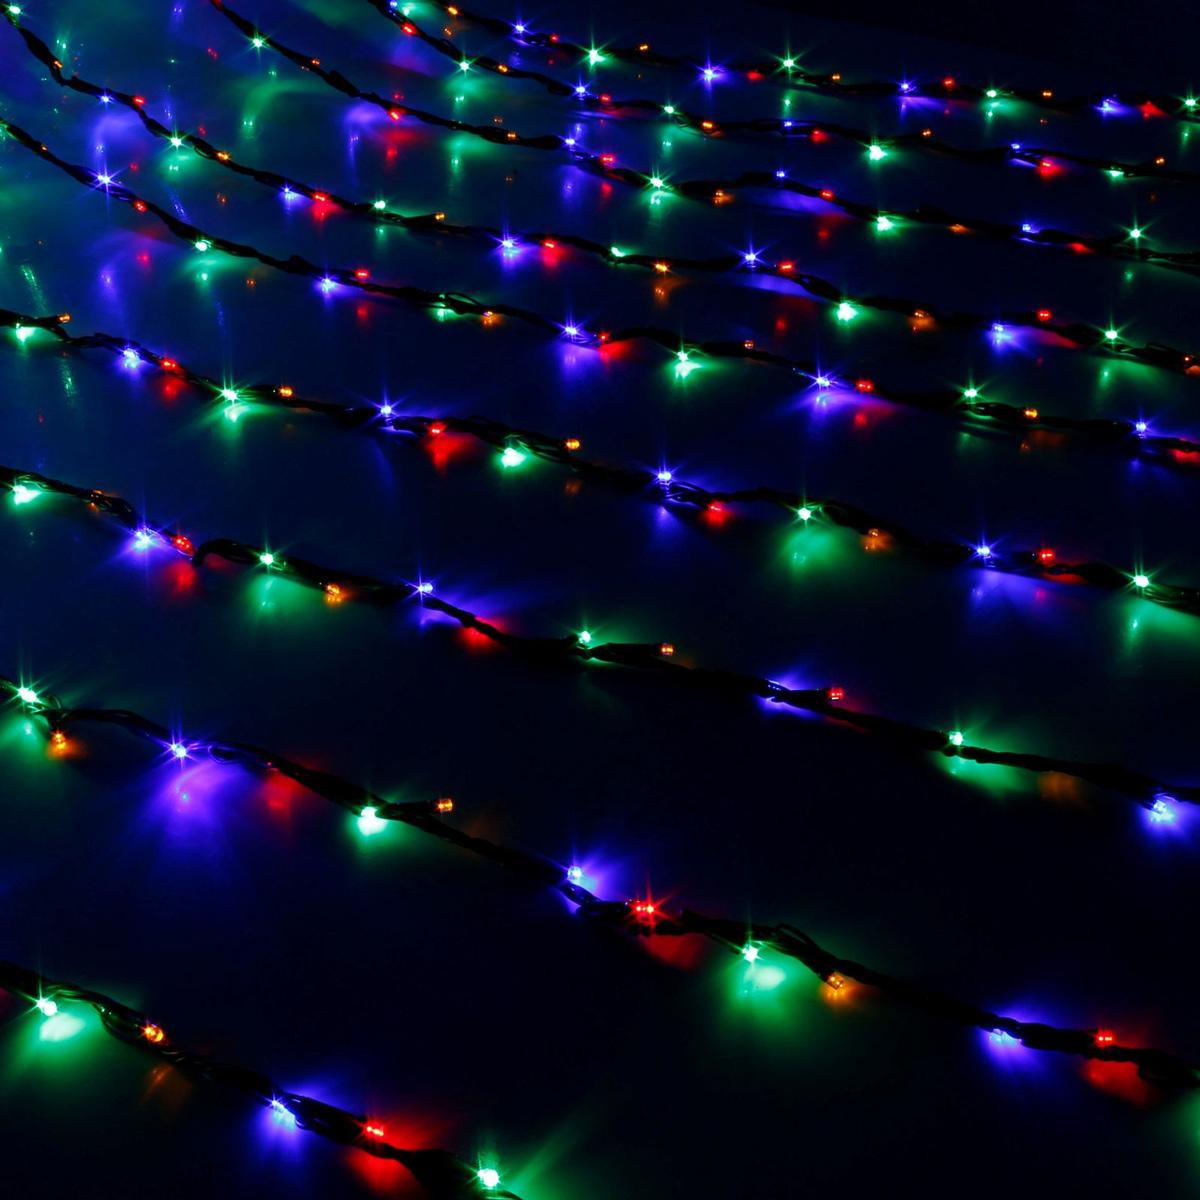 Гирлянда светодиодная Luazon Дождь, уличная, 8 режимов, 1500 ламп, 220 V, цвет: мультиколор, 2 х 6 м. 671678671678Светодиодные гирлянды, ленты и т.д — это отличный вариант для новогоднего оформления интерьера или фасада. С их помощью помещение любого размера можно превратить в праздничный зал, а внешние элементы зданий, украшенные ими, мгновенно станут напоминать очертания сказочного дворца. Такие украшения создают ауру предвкушения чуда. Деревья, фасады, витрины, окна и арки будто специально созданы, чтобы вы украсили их светящимися нитями.